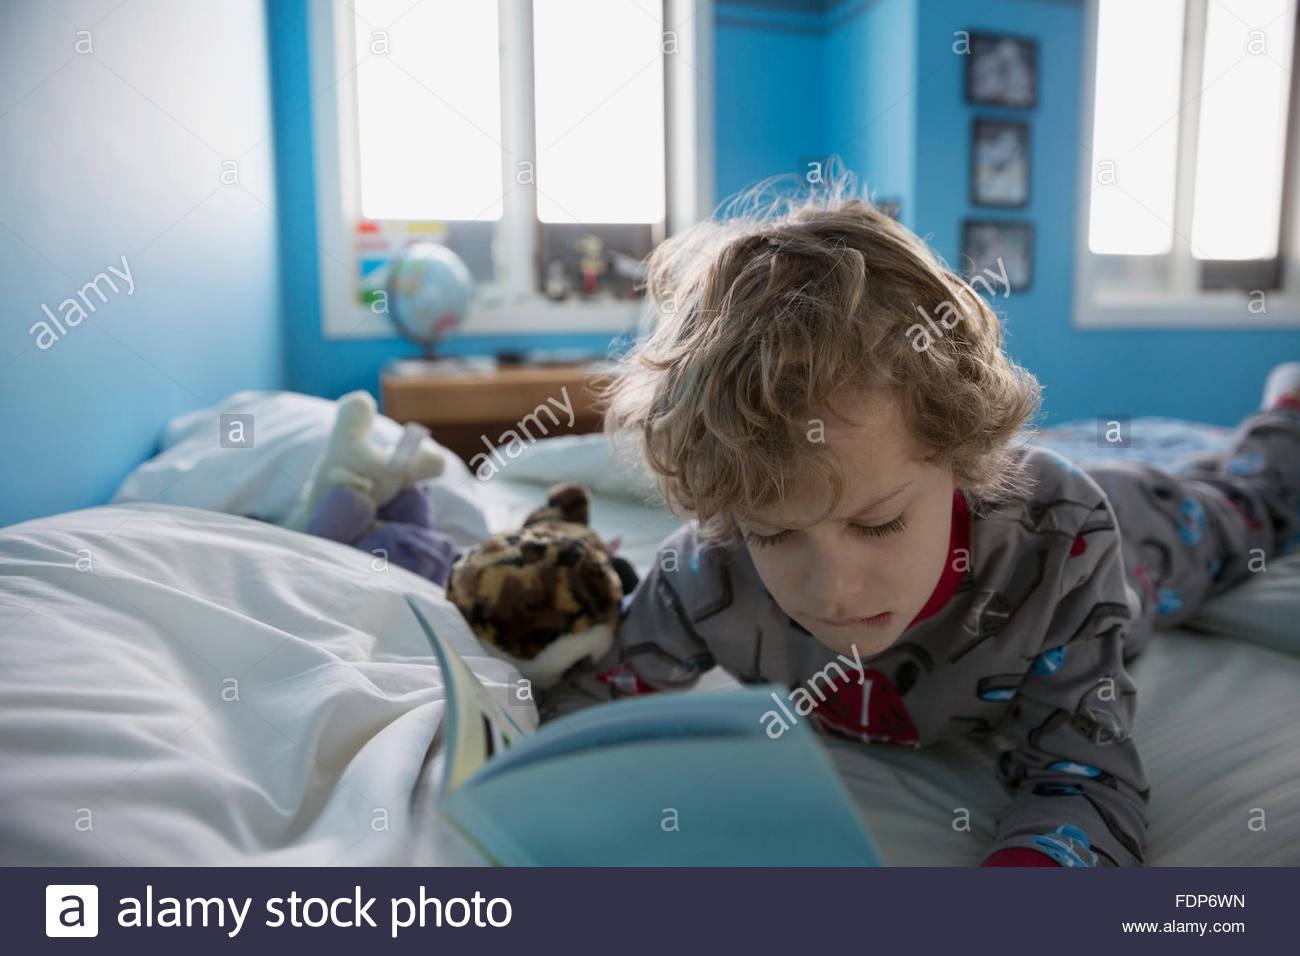 En pyjama garçon reading book on bed Photo Stock